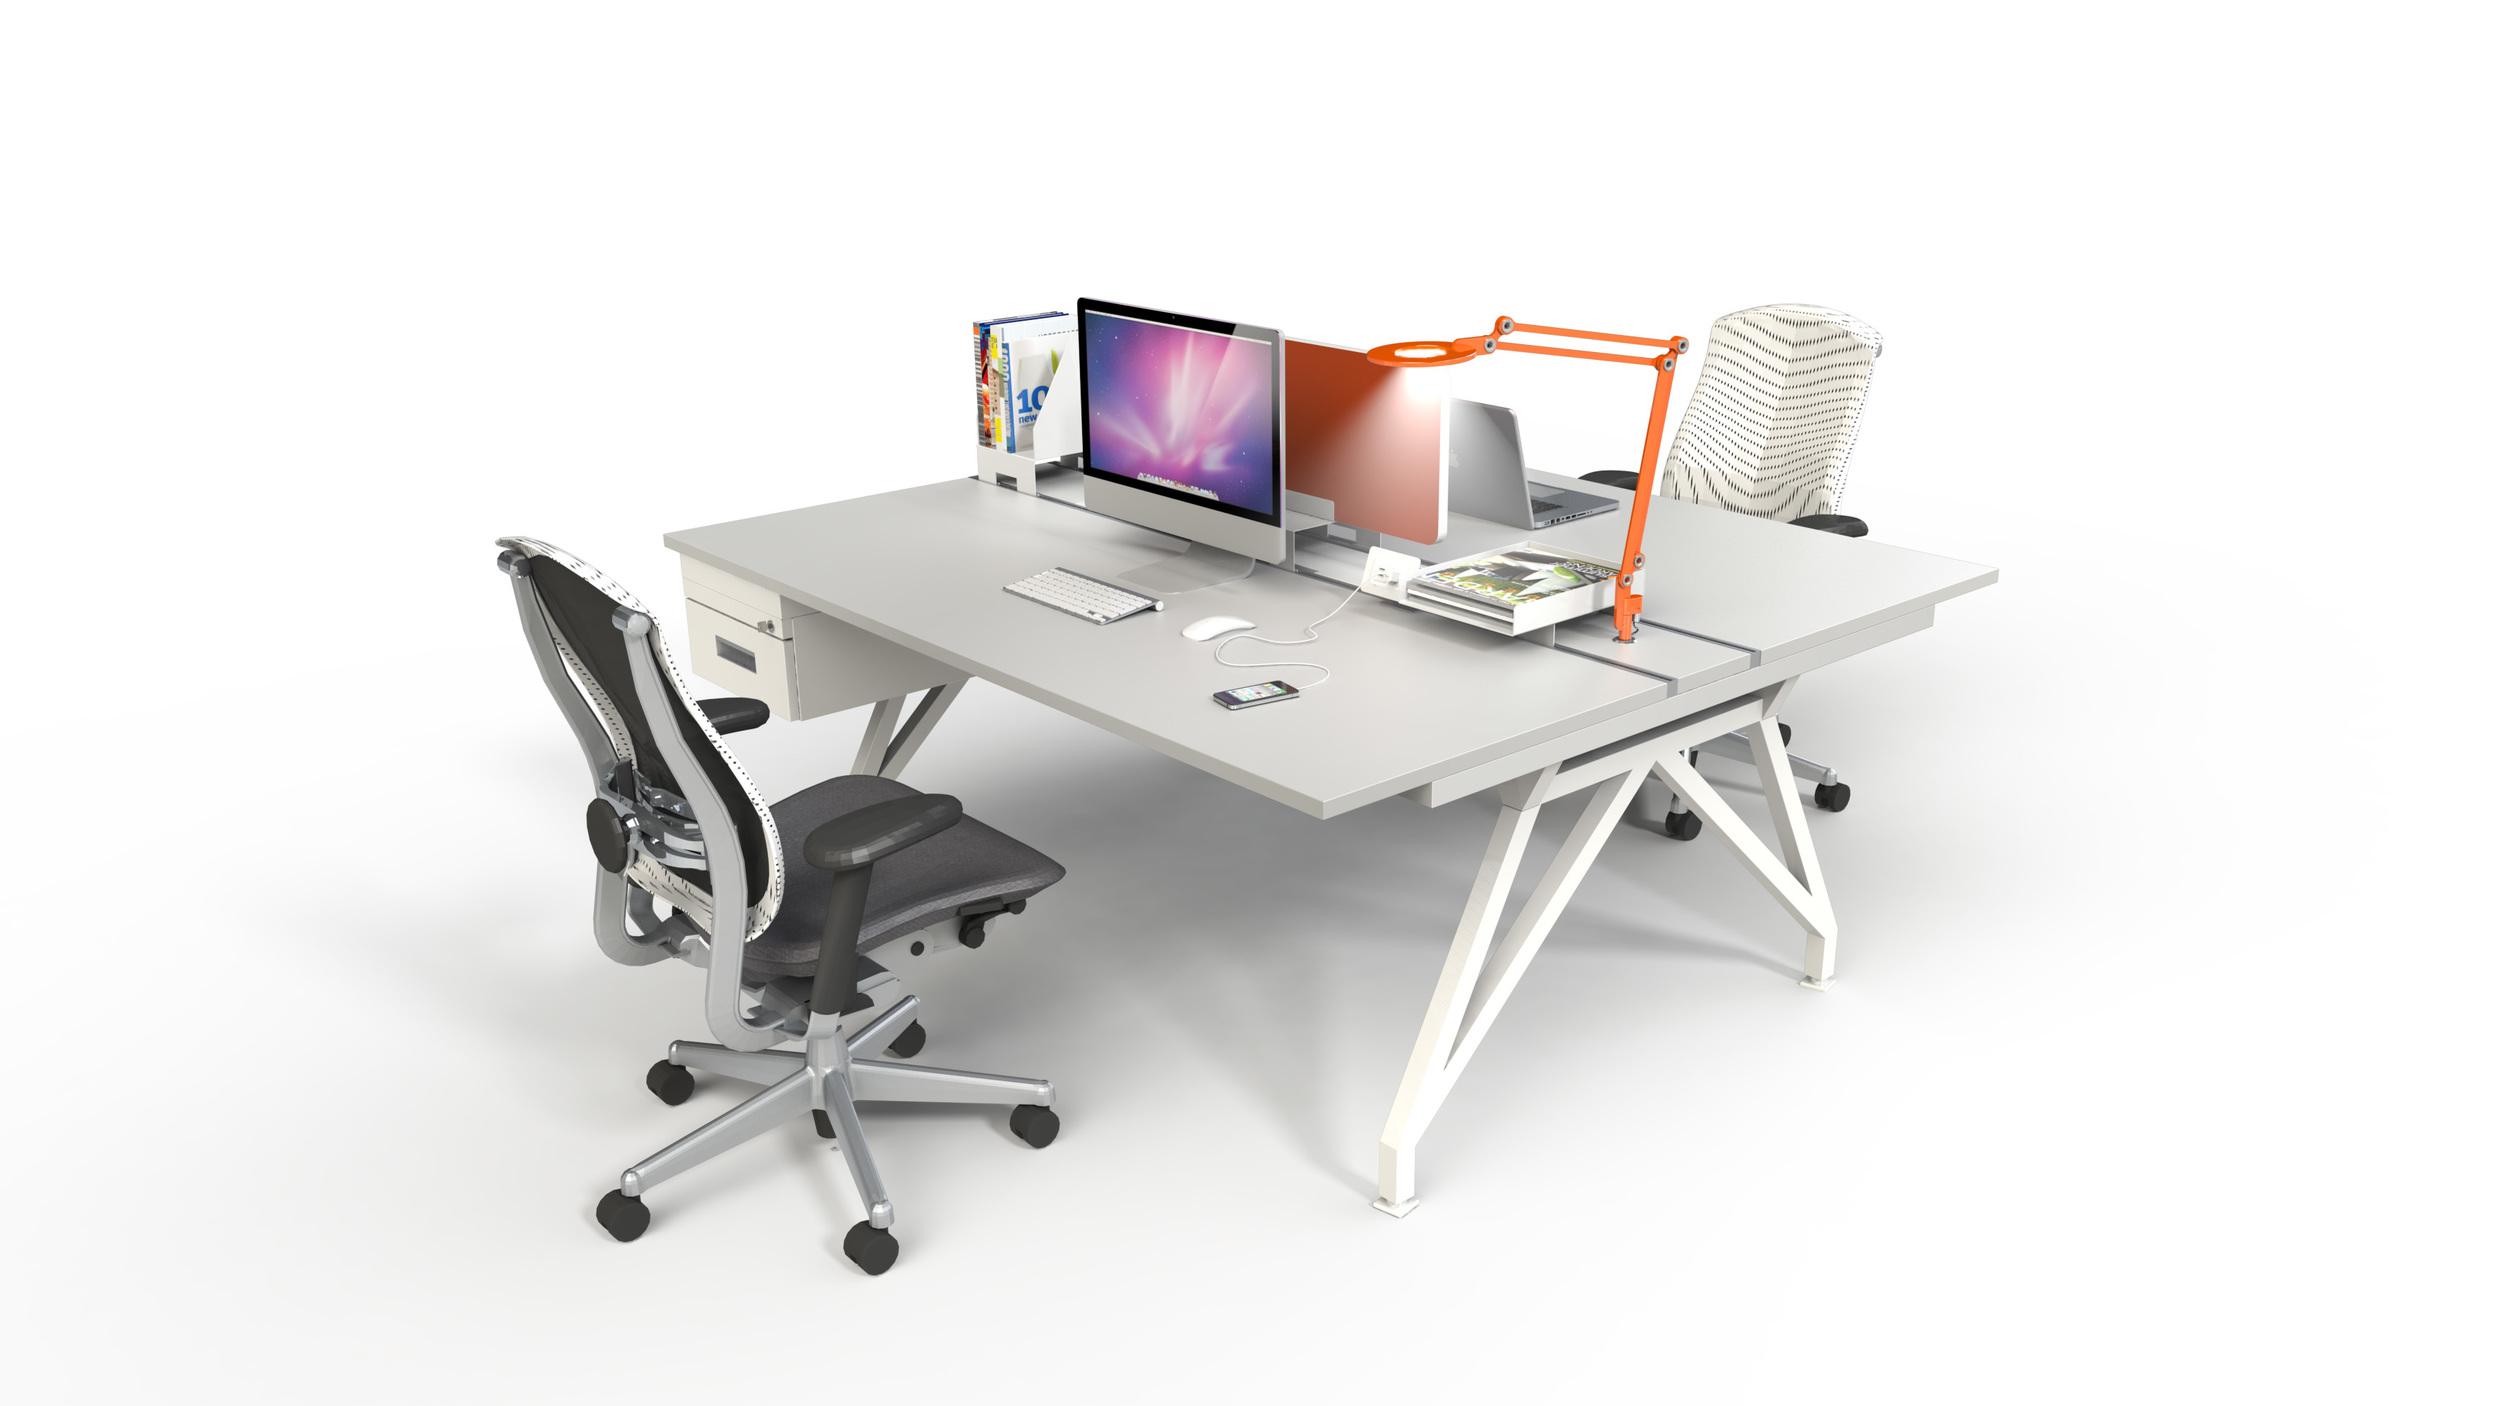 EYHOV Double Desk Workstation